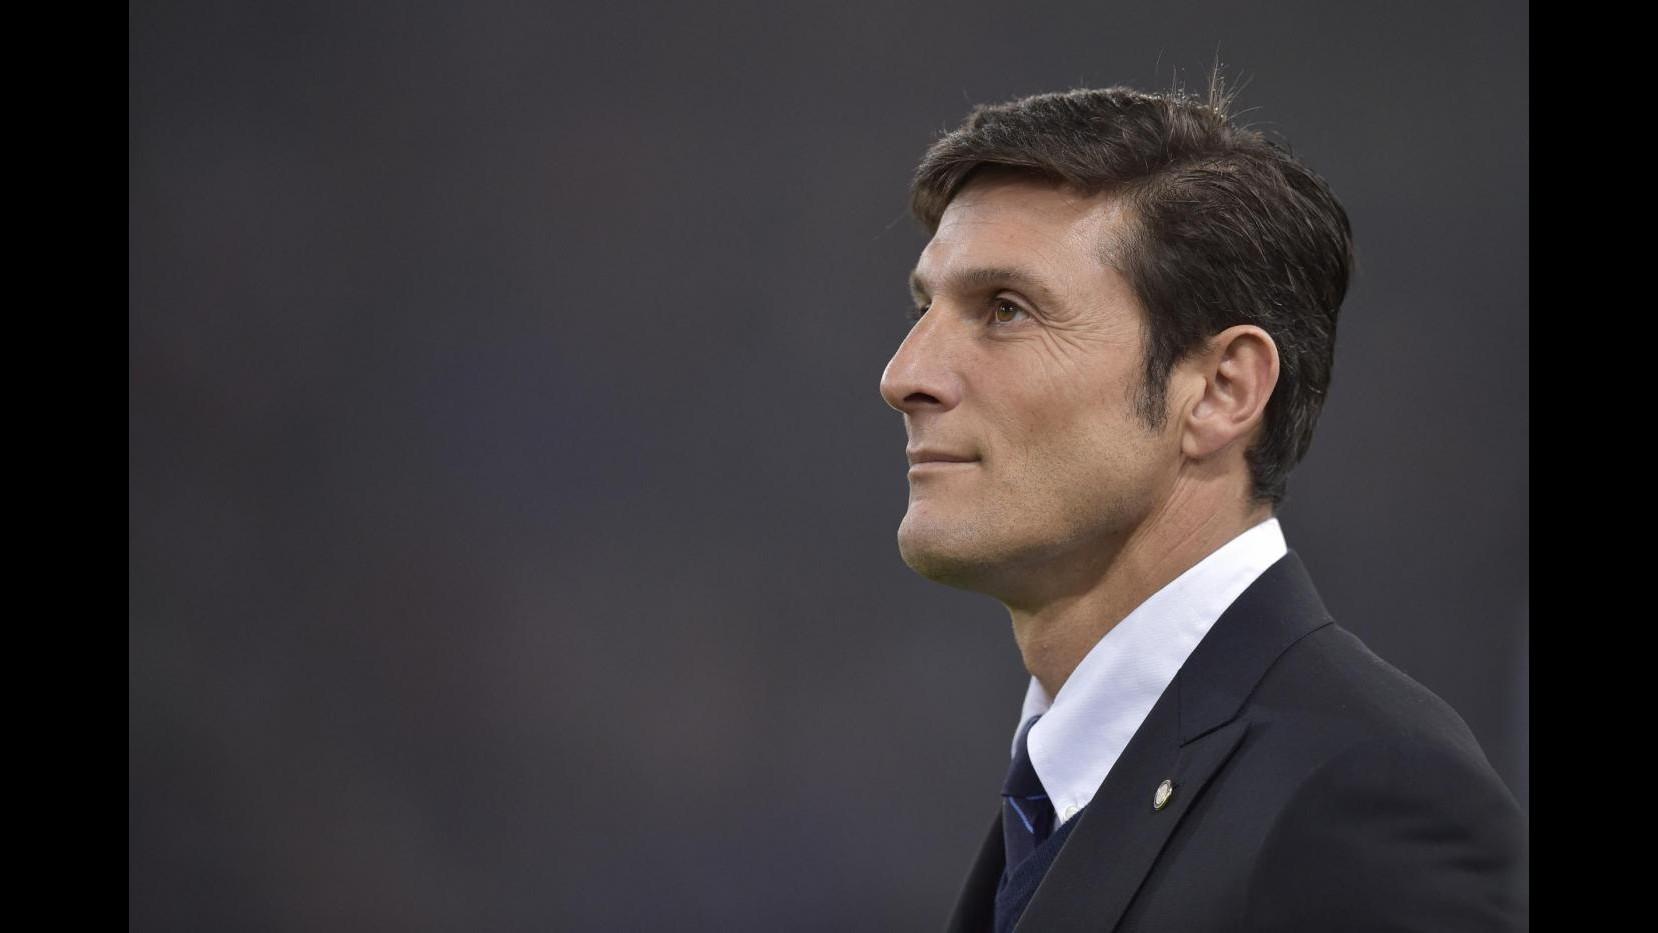 Calcio, Zanetti: Pallone d'Oro? Spero vinca Messi, è il migliore al mondo